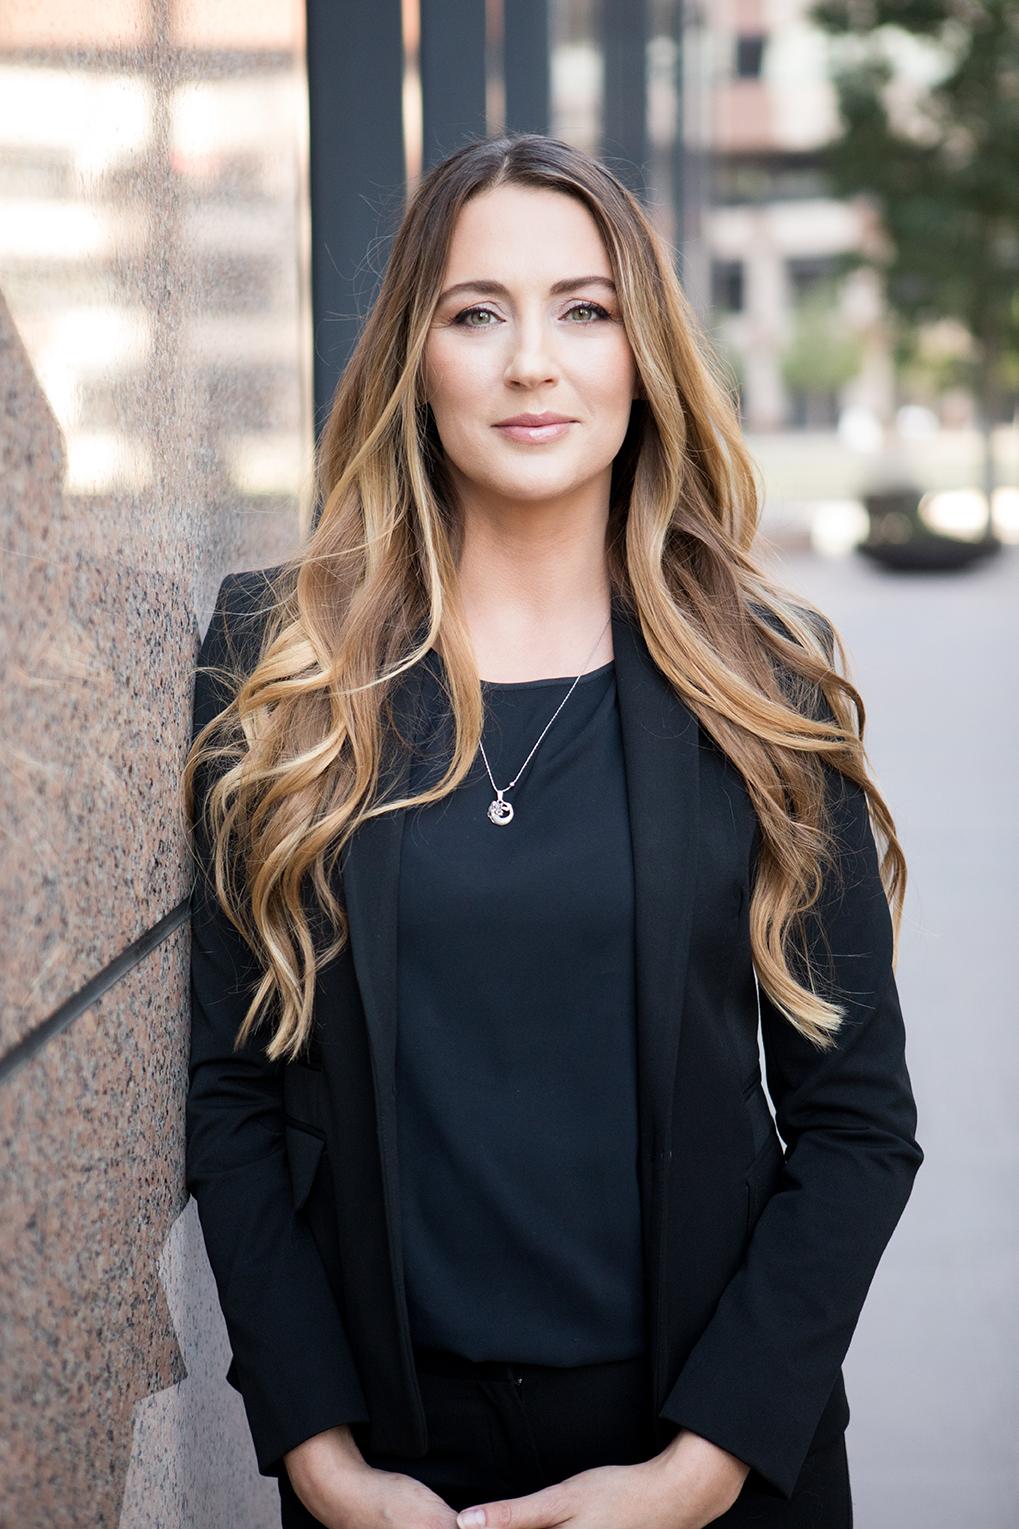 Erica Sylvia